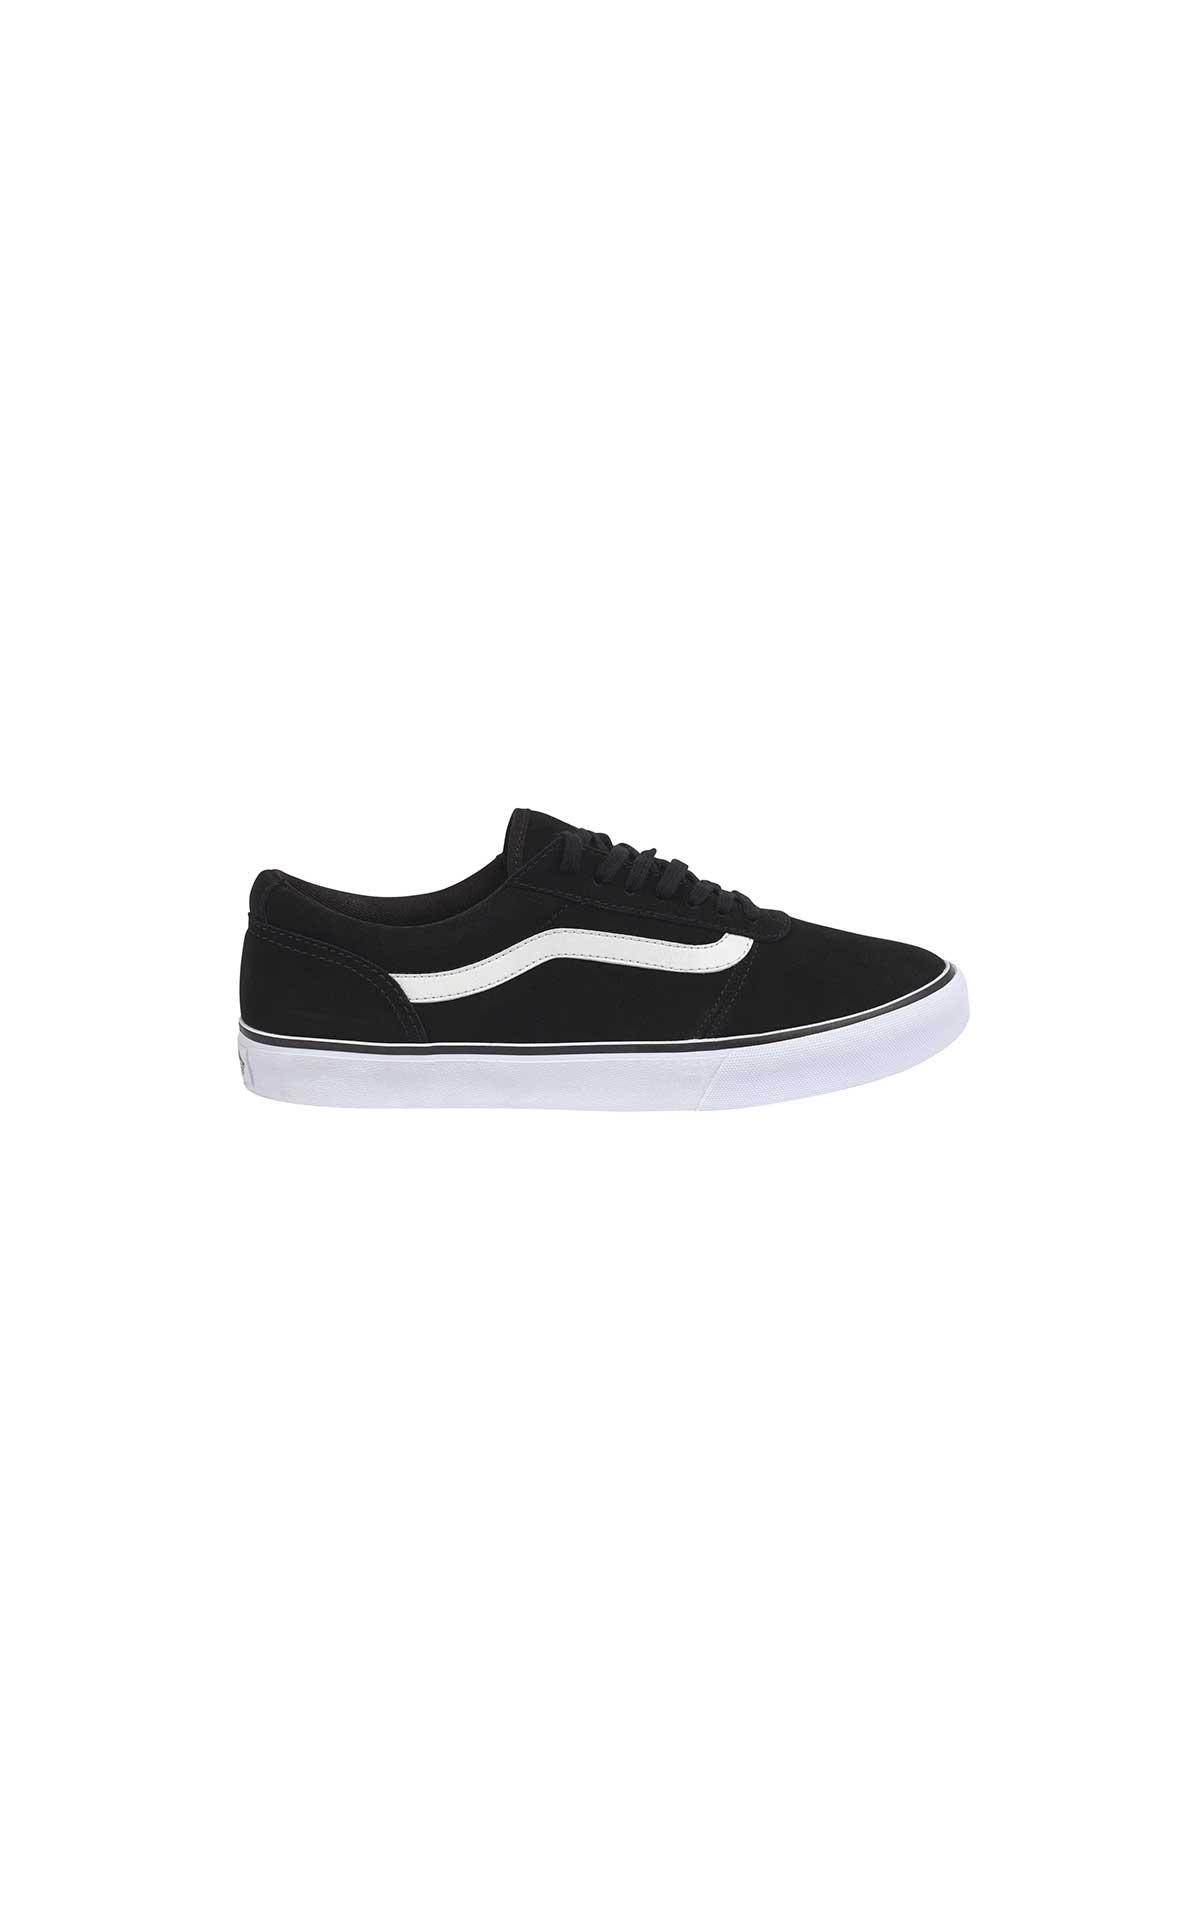 mejor elección outlet modelos de gran variedad Shoes • La Roca Village